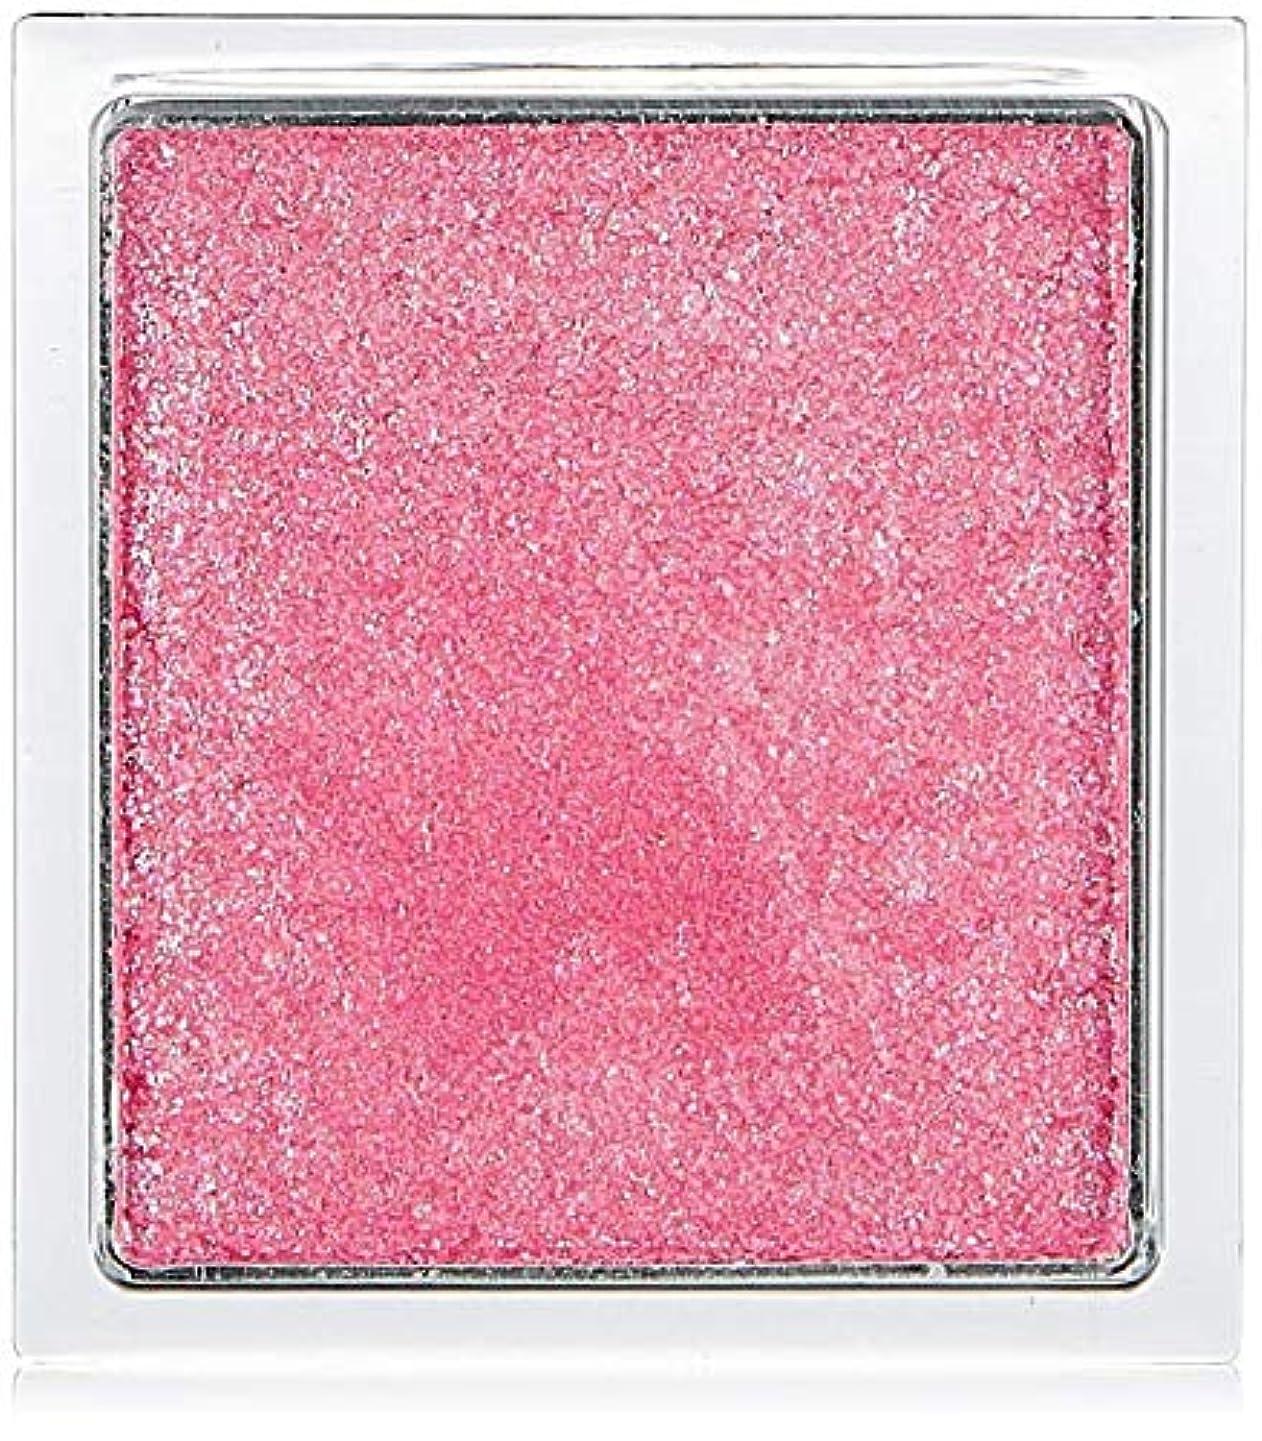 抽象キャンパス破滅的なリンメル プリズムパウダーアイカラー 008 フューシャピンク 1.5g